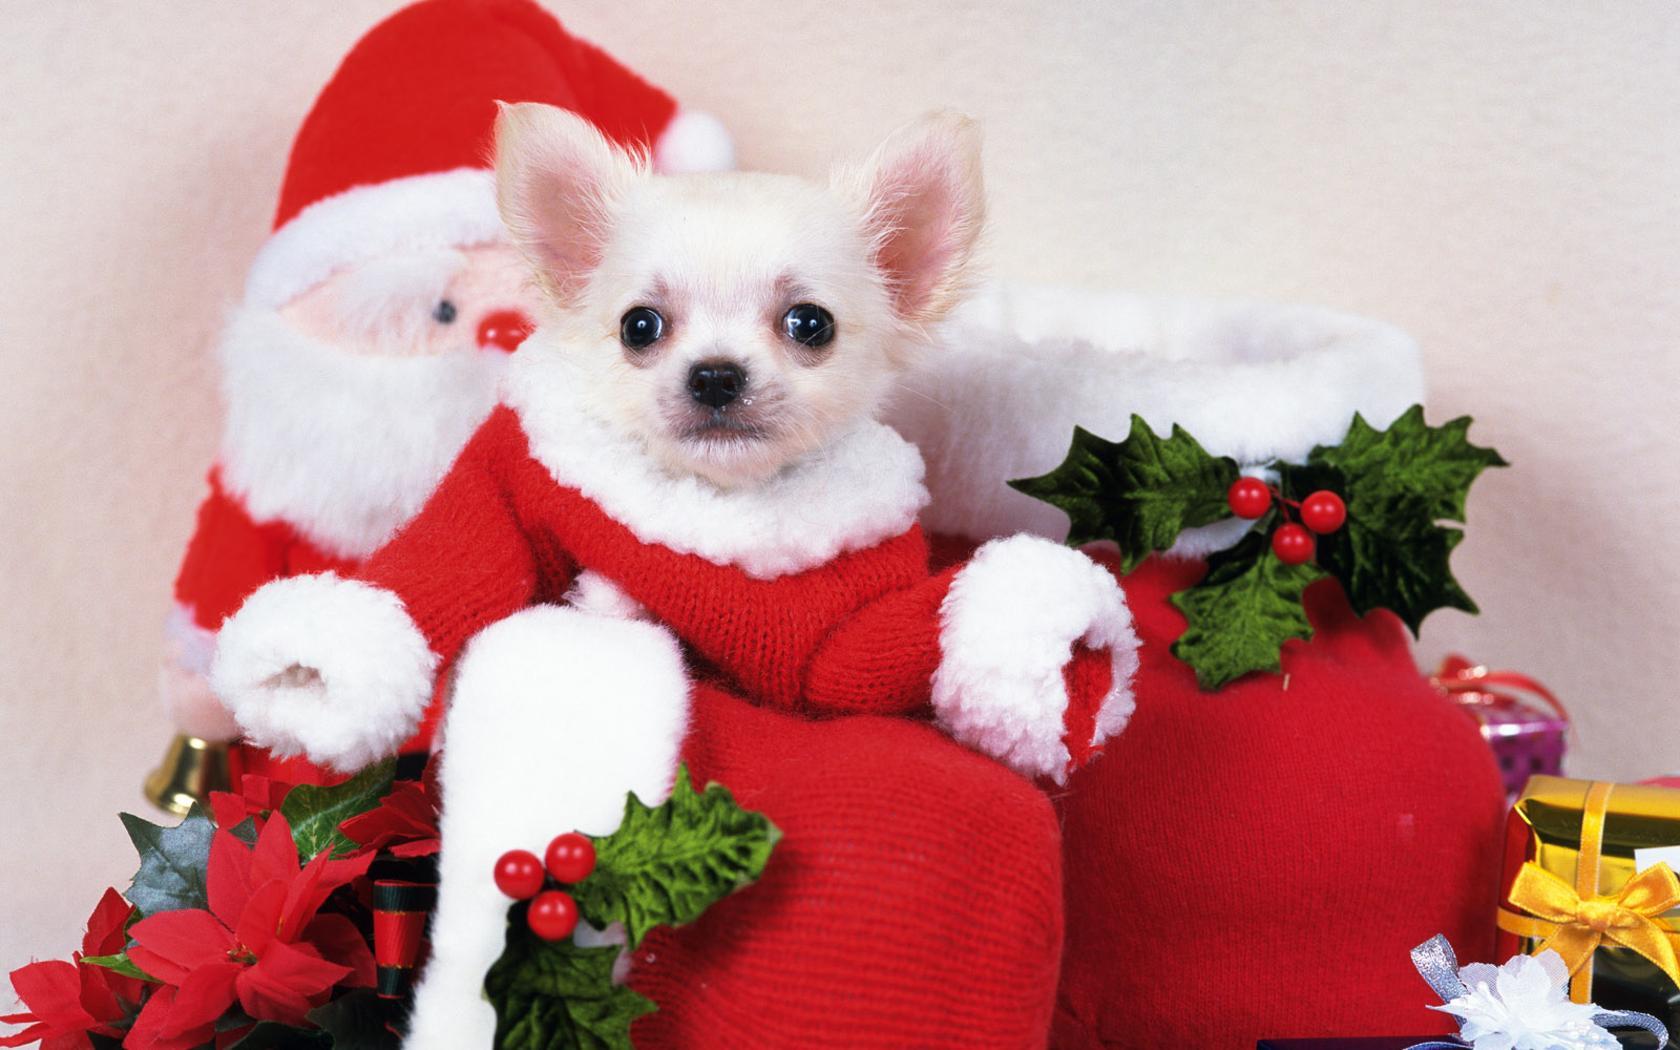 Дед мороз собачка, скачать обои на рабочий стол, dog Santa Claus wallpaper, фото